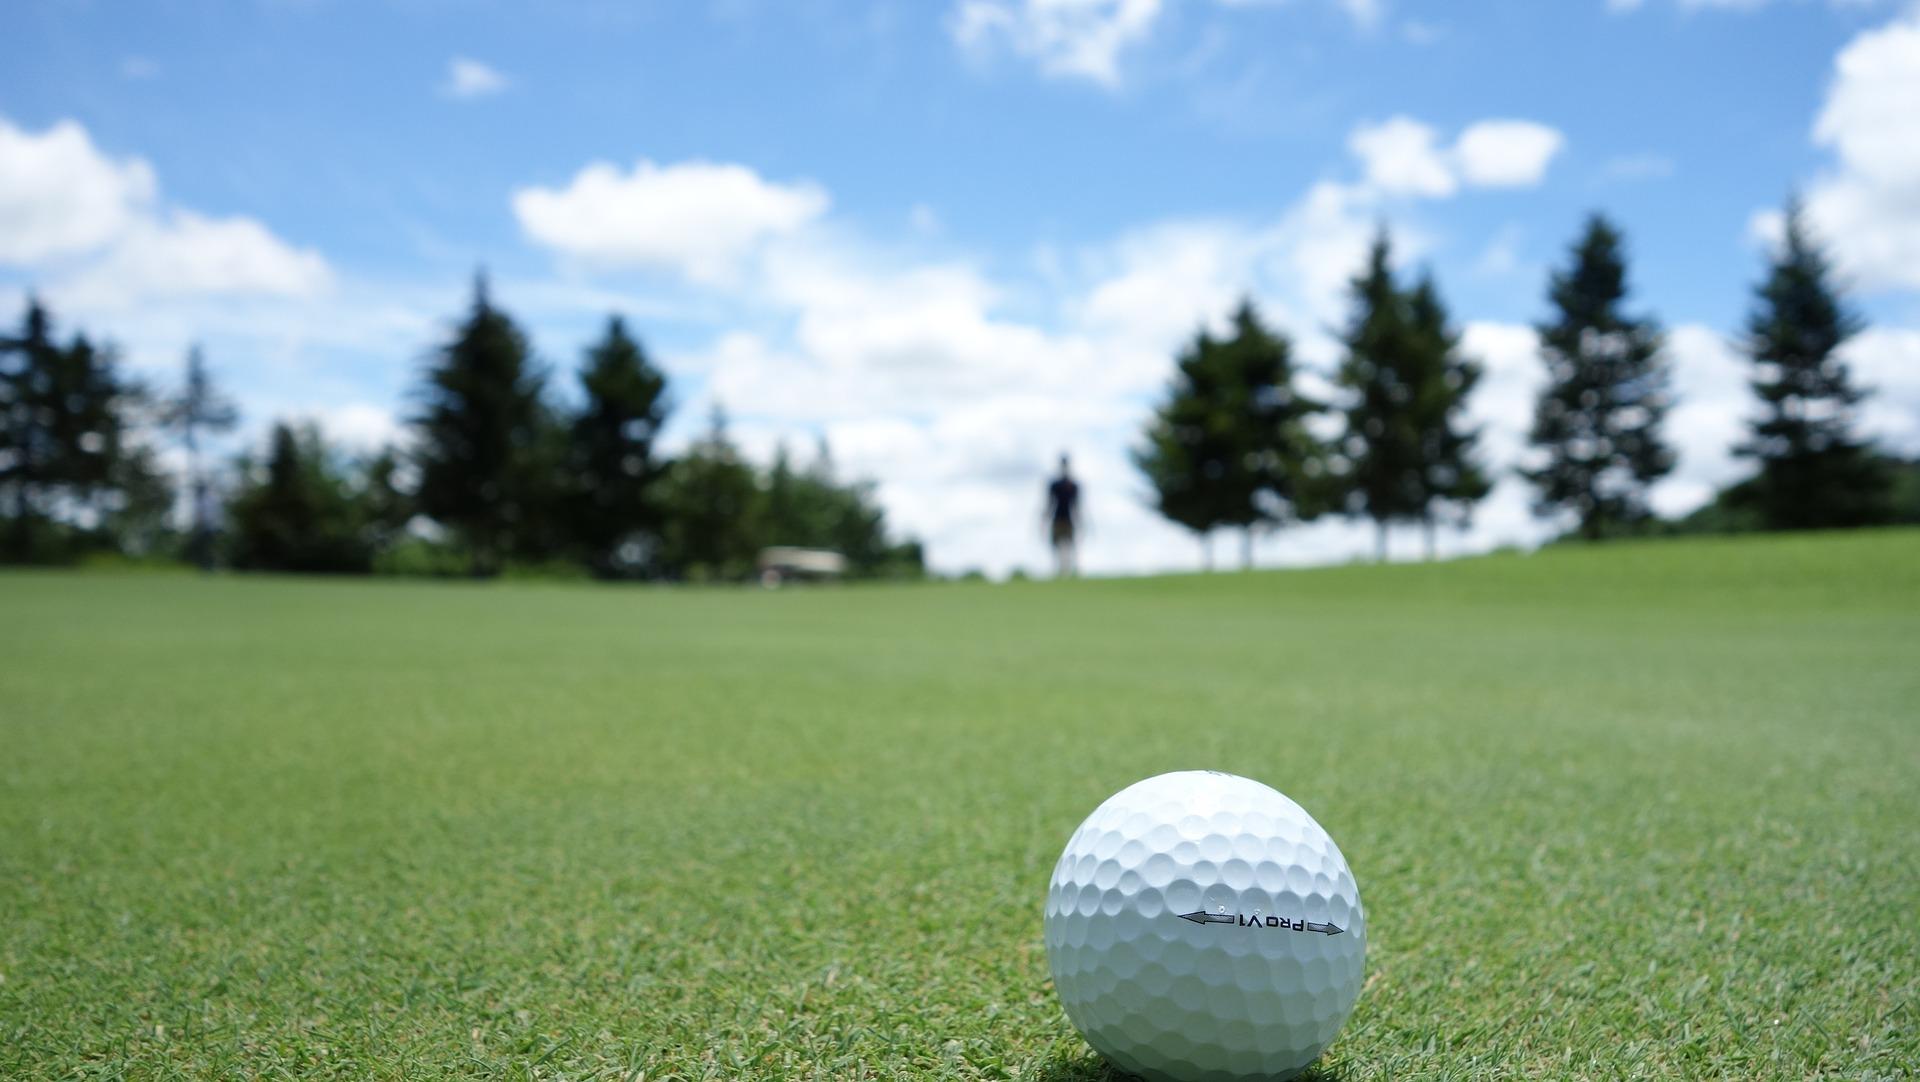 télémètre golf